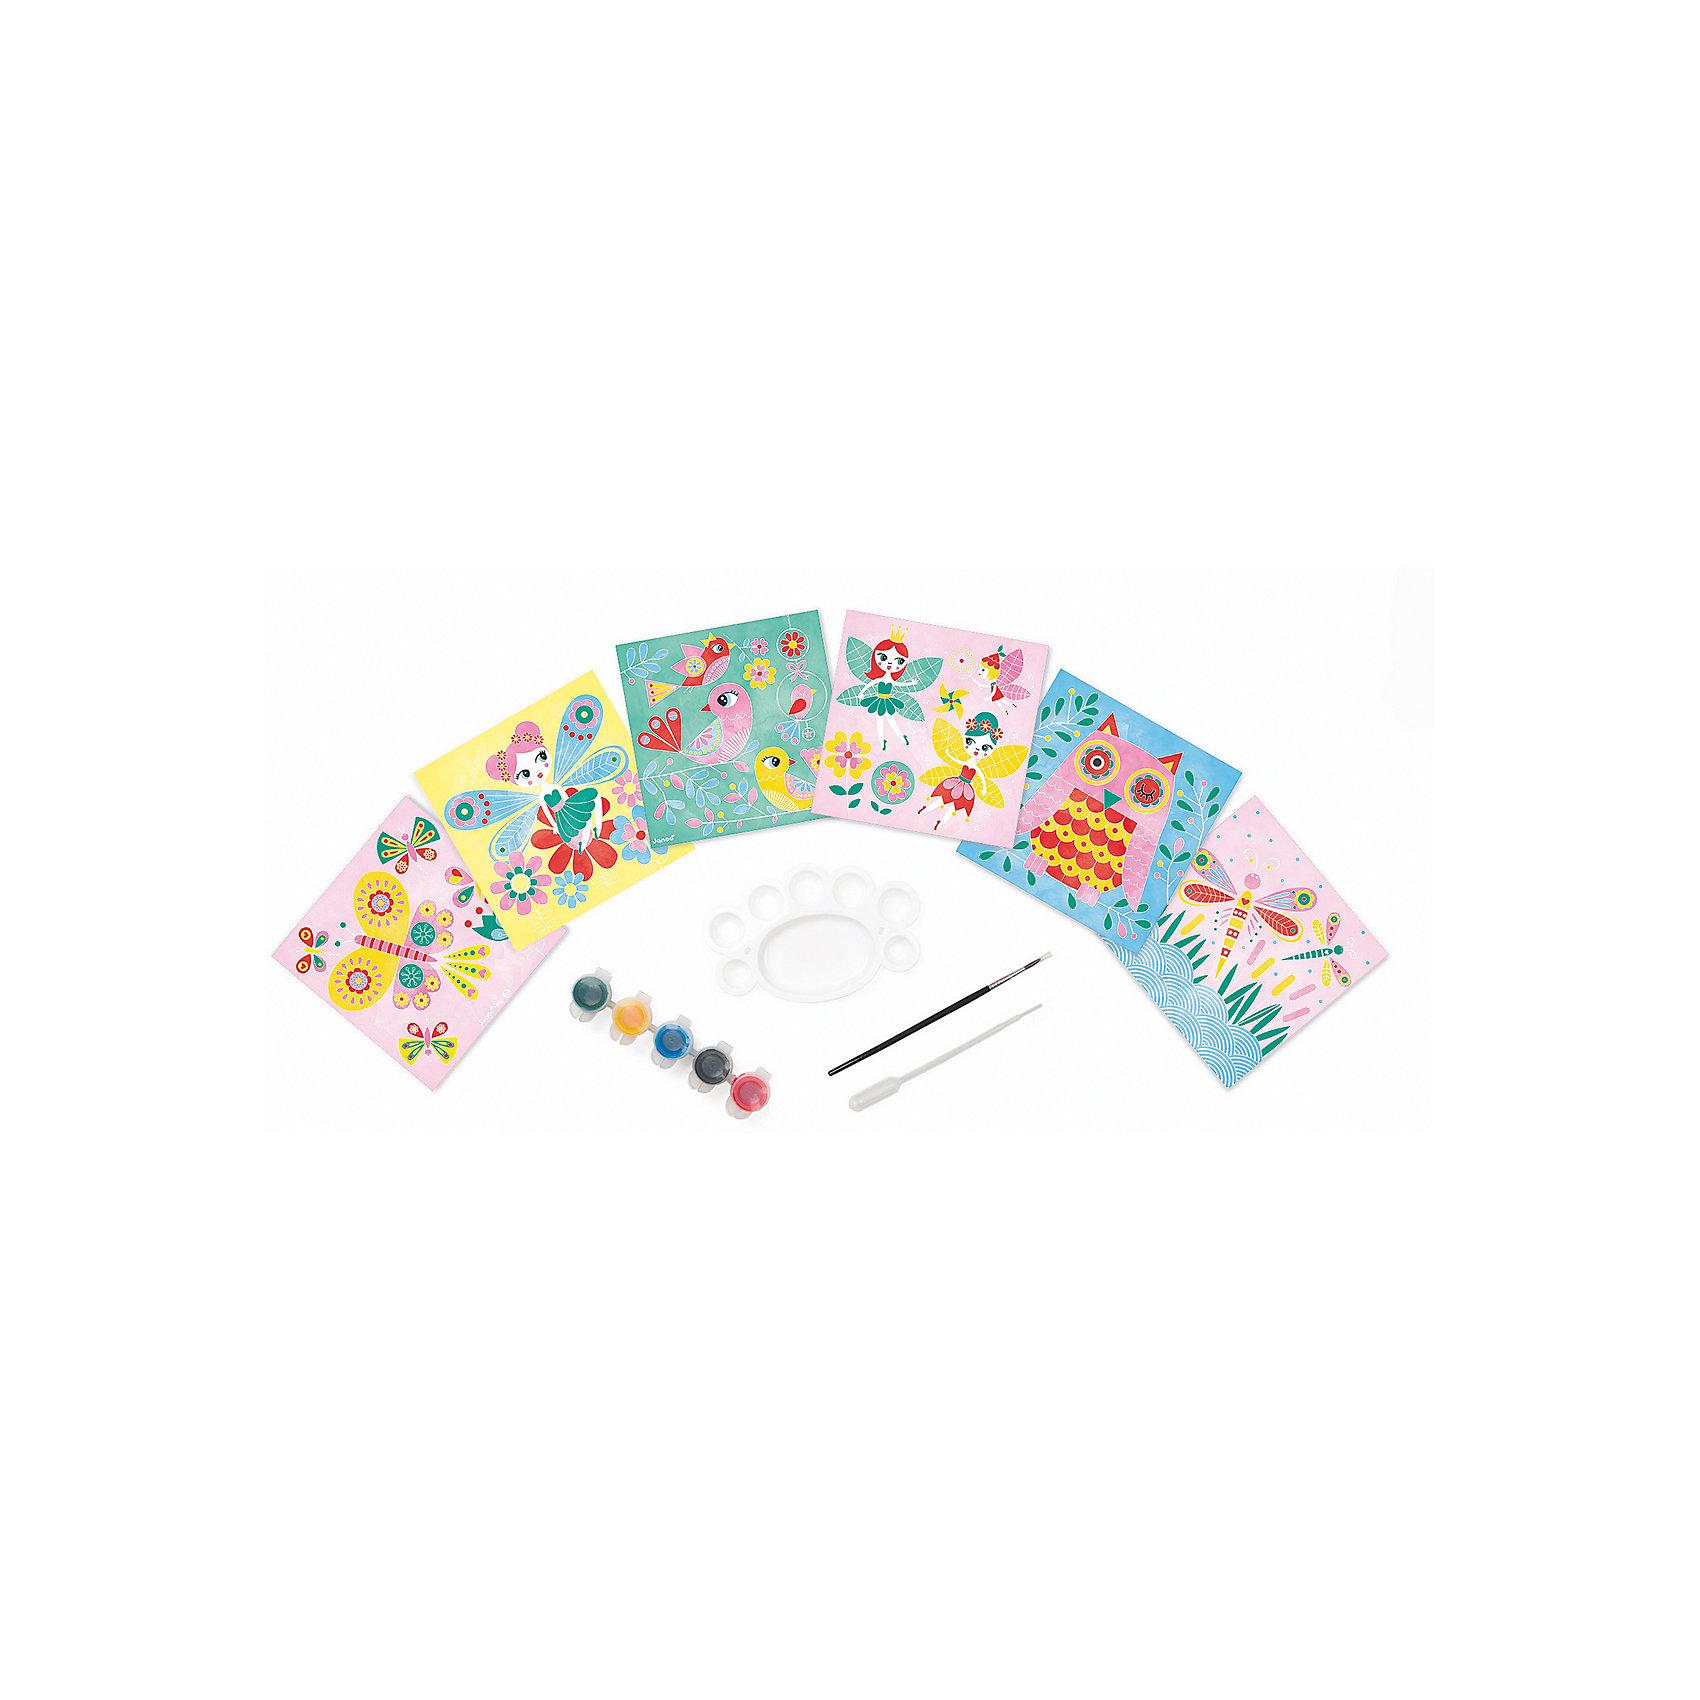 Набор для творчества: рисуем водой. Феи, 6 карточекПесочные картинки<br>Набор для творчества: рисуем водой Феи, 6 карточек, Janod (Джанод)<br><br>Характеристики:<br><br>• можно создать новые цвета<br>• полностью безопасен для детей<br>• удобно хранить<br>• в комплекте: краски, палитра, кисточка, пипетка, чемоданчик, карточки<br>• размер упаковки: 26х4 22 см<br>• вес: 700 грамм<br><br>Набор Феи предназначен для веселого и интересного детского творчества. В набор входят 6 карточек, которые ребенку предстоит раскрасить водными красками. Подробная инструкция расскажет, как правильно смешивать и создавать новые цвета при помощи палитры и пипетки. Рисование развивает художественный вкус, аккуратность и усидчивость. Этот набор непременно понравится ребенку!<br><br>Набор для творчества: рисуем водой Феи, 6 карточек, Janod (Джанод) можно купить в нашем интернет-магазине.<br><br>Ширина мм: 26<br>Глубина мм: 21<br>Высота мм: 4<br>Вес г: 600<br>Возраст от месяцев: 48<br>Возраст до месяцев: 2147483647<br>Пол: Женский<br>Возраст: Детский<br>SKU: 4871834